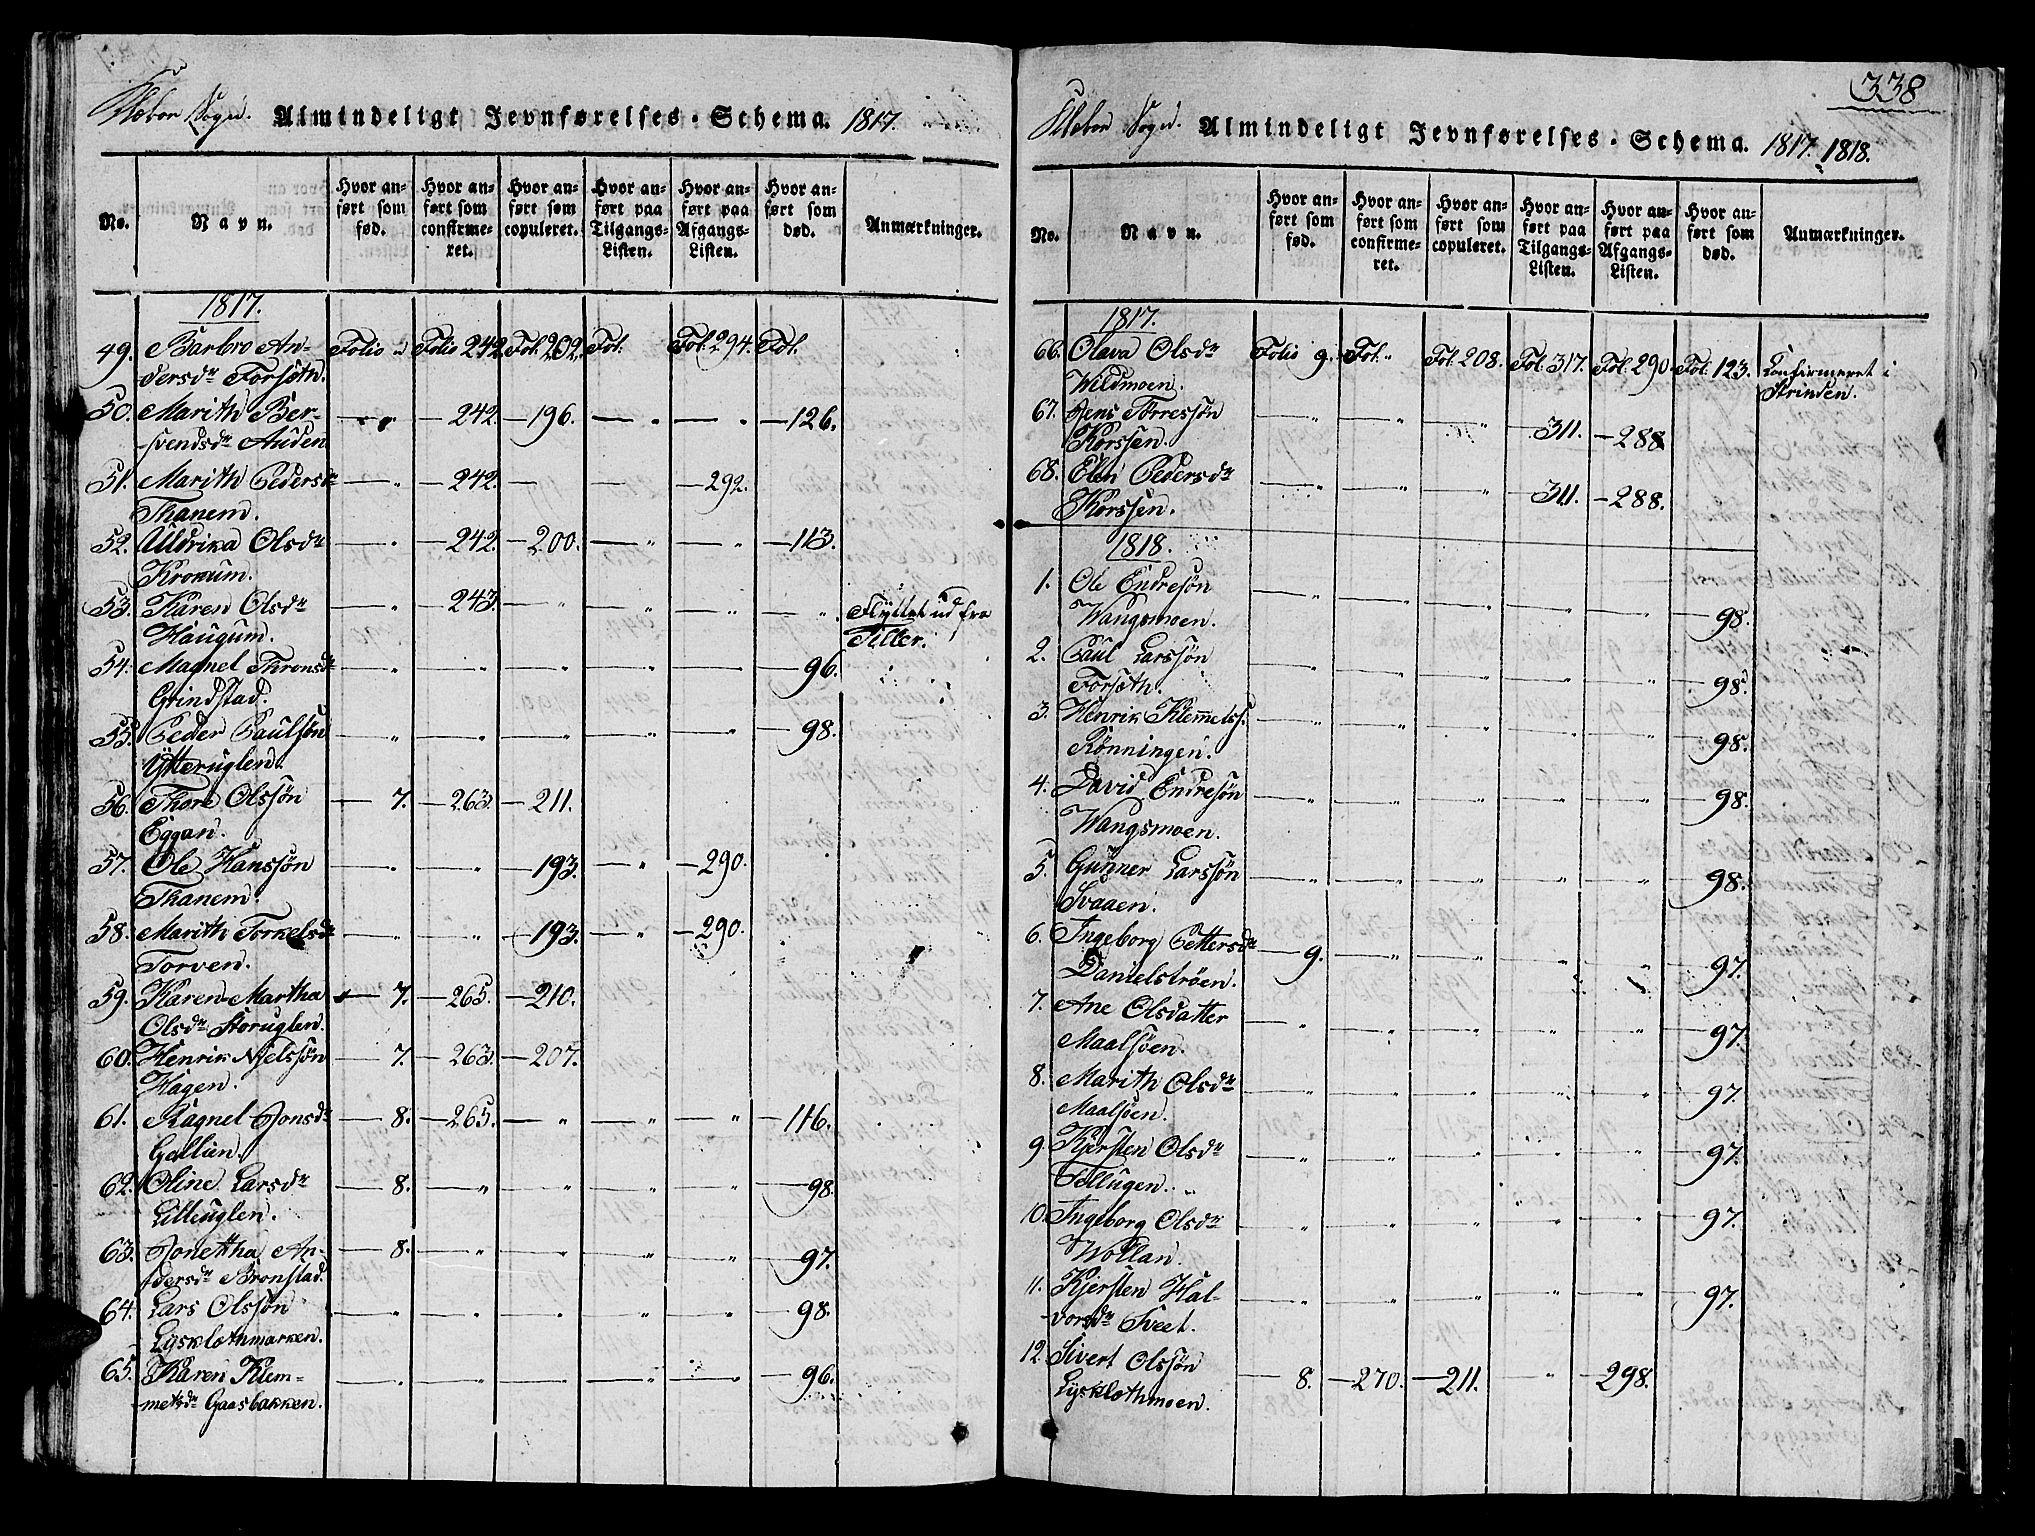 SAT, Ministerialprotokoller, klokkerbøker og fødselsregistre - Sør-Trøndelag, 618/L0450: Klokkerbok nr. 618C01, 1816-1865, s. 338